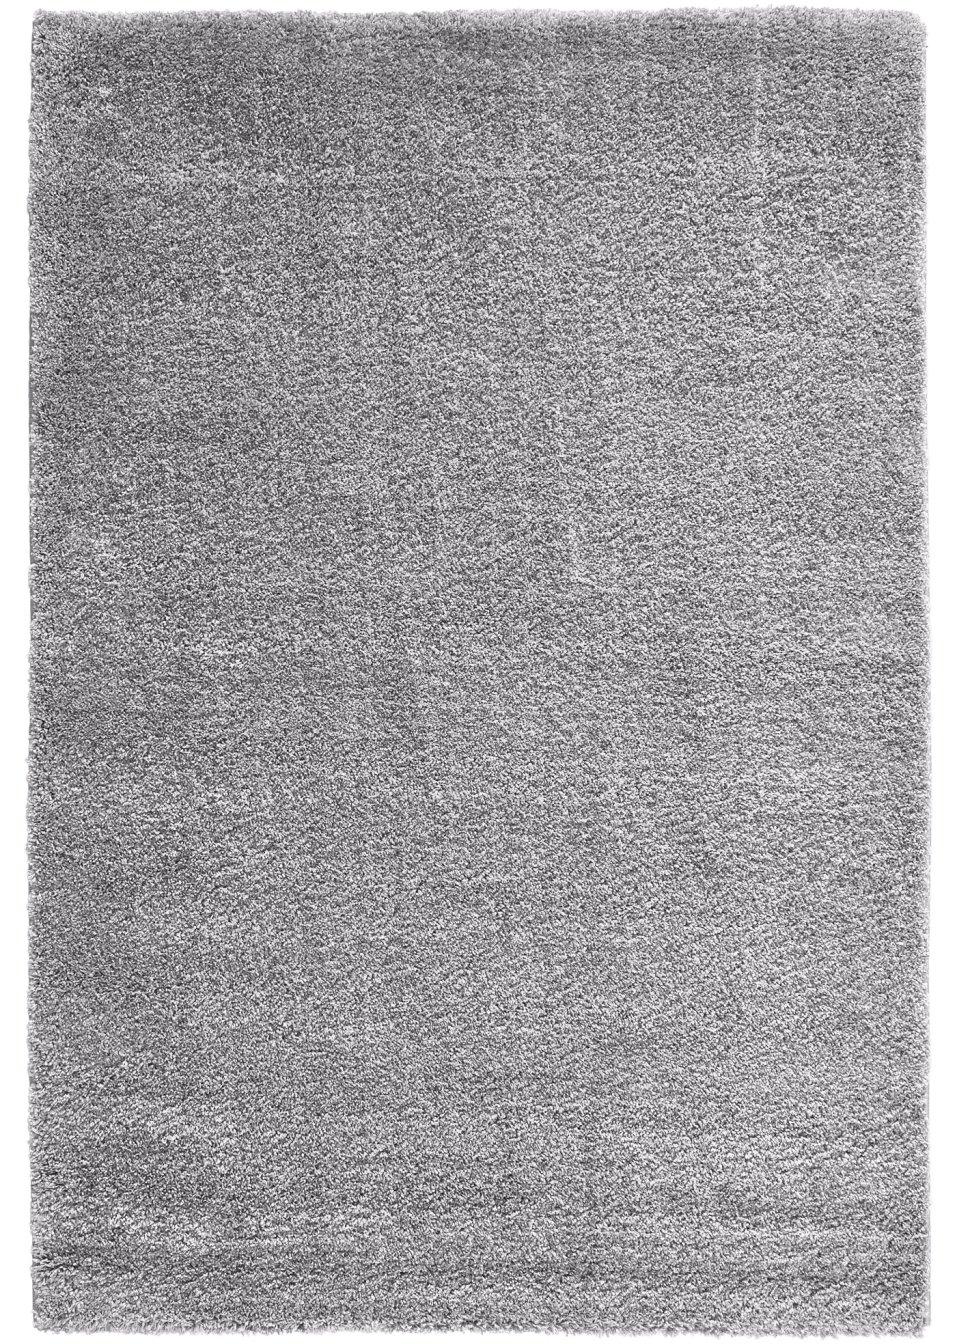 optik und haptik in einklang beim hochflor teppich genf hellgrau. Black Bedroom Furniture Sets. Home Design Ideas